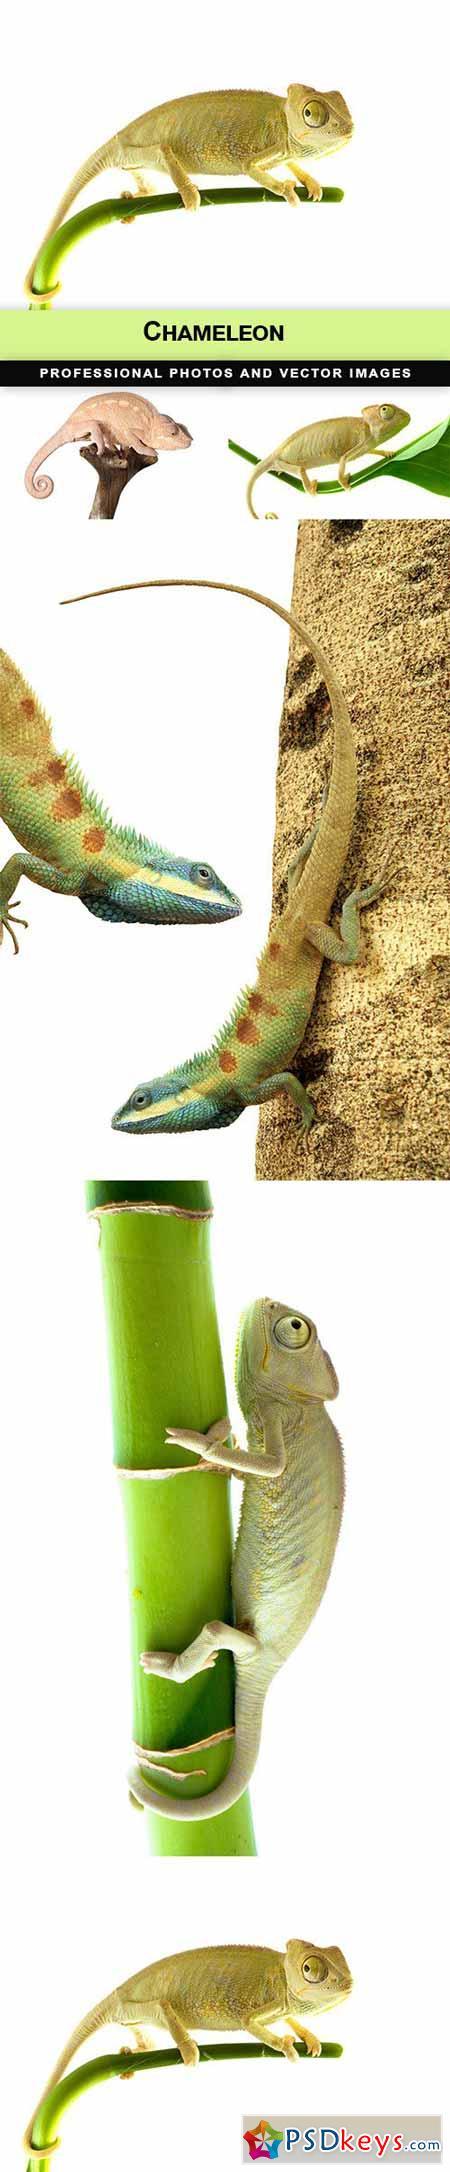 Chameleon - 5 UHQ JPEG